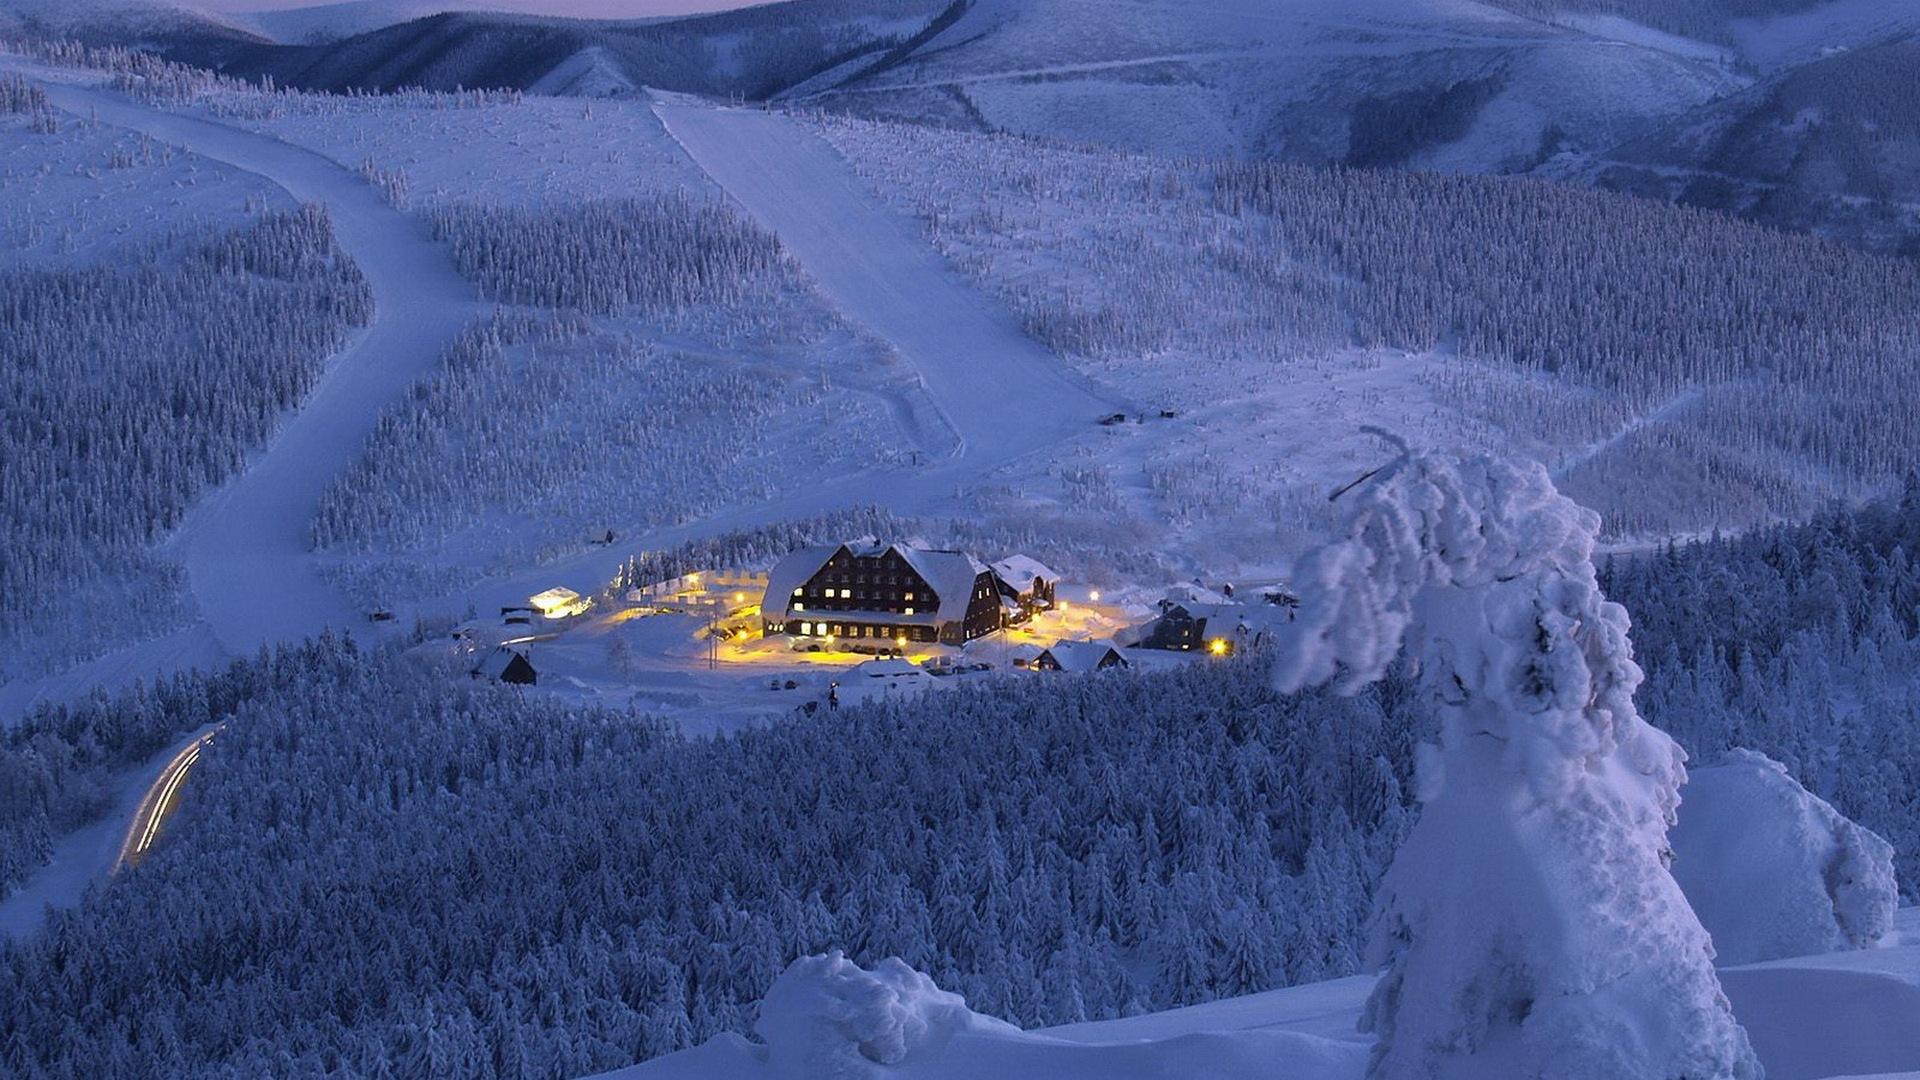 Alaska winter scene wallpaper wallpapersafari for Sfondi paesaggi invernali per desktop